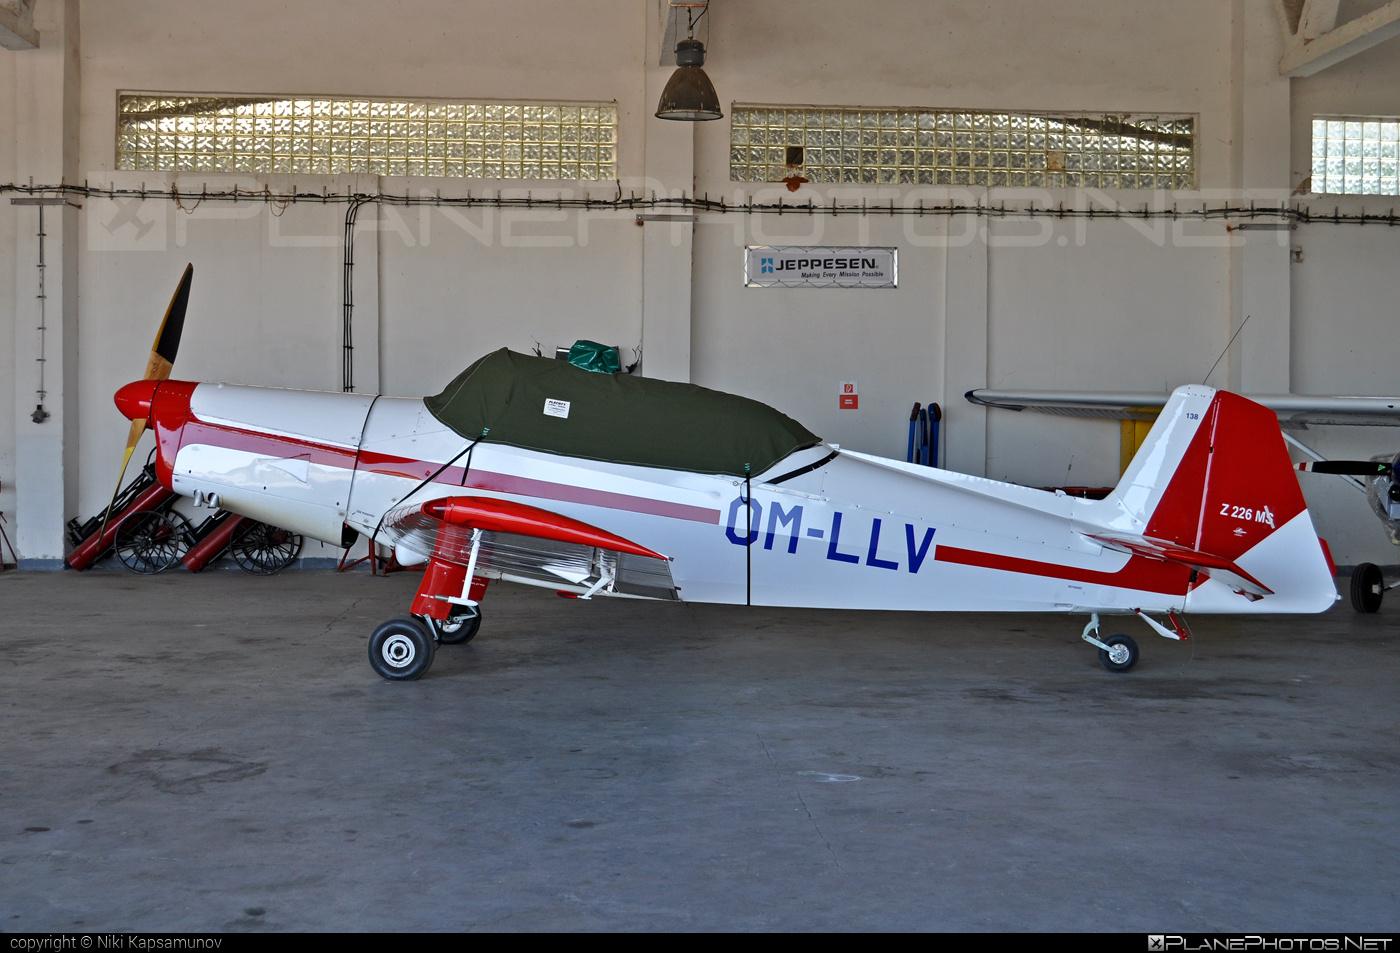 Zlin Z-226M Trenér - OM-LLV operated by Slovenský národný aeroklub (Slovak National Aeroclub) #z226 #z226trener #zlin #zlin226 #zlintrener